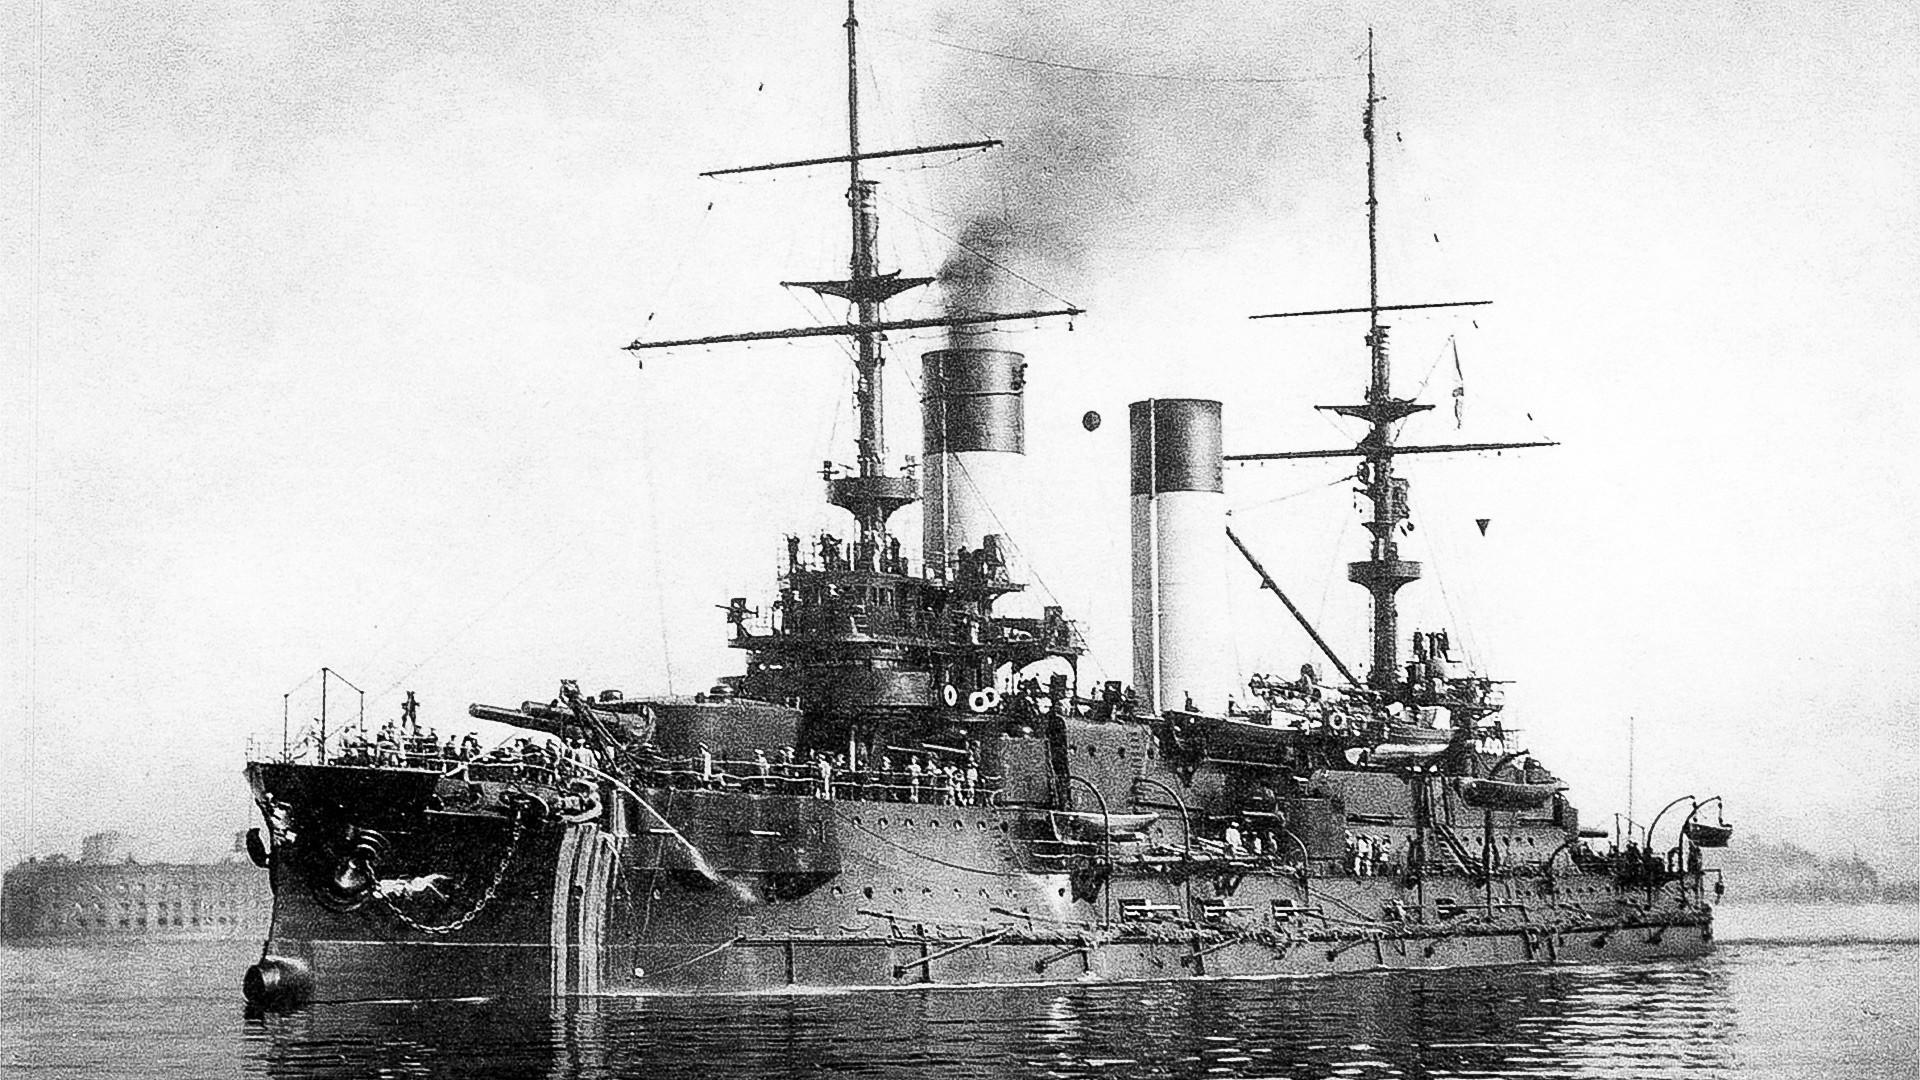 クロンシュタットの投錨地での戦艦「オリョール」。1904年8月。